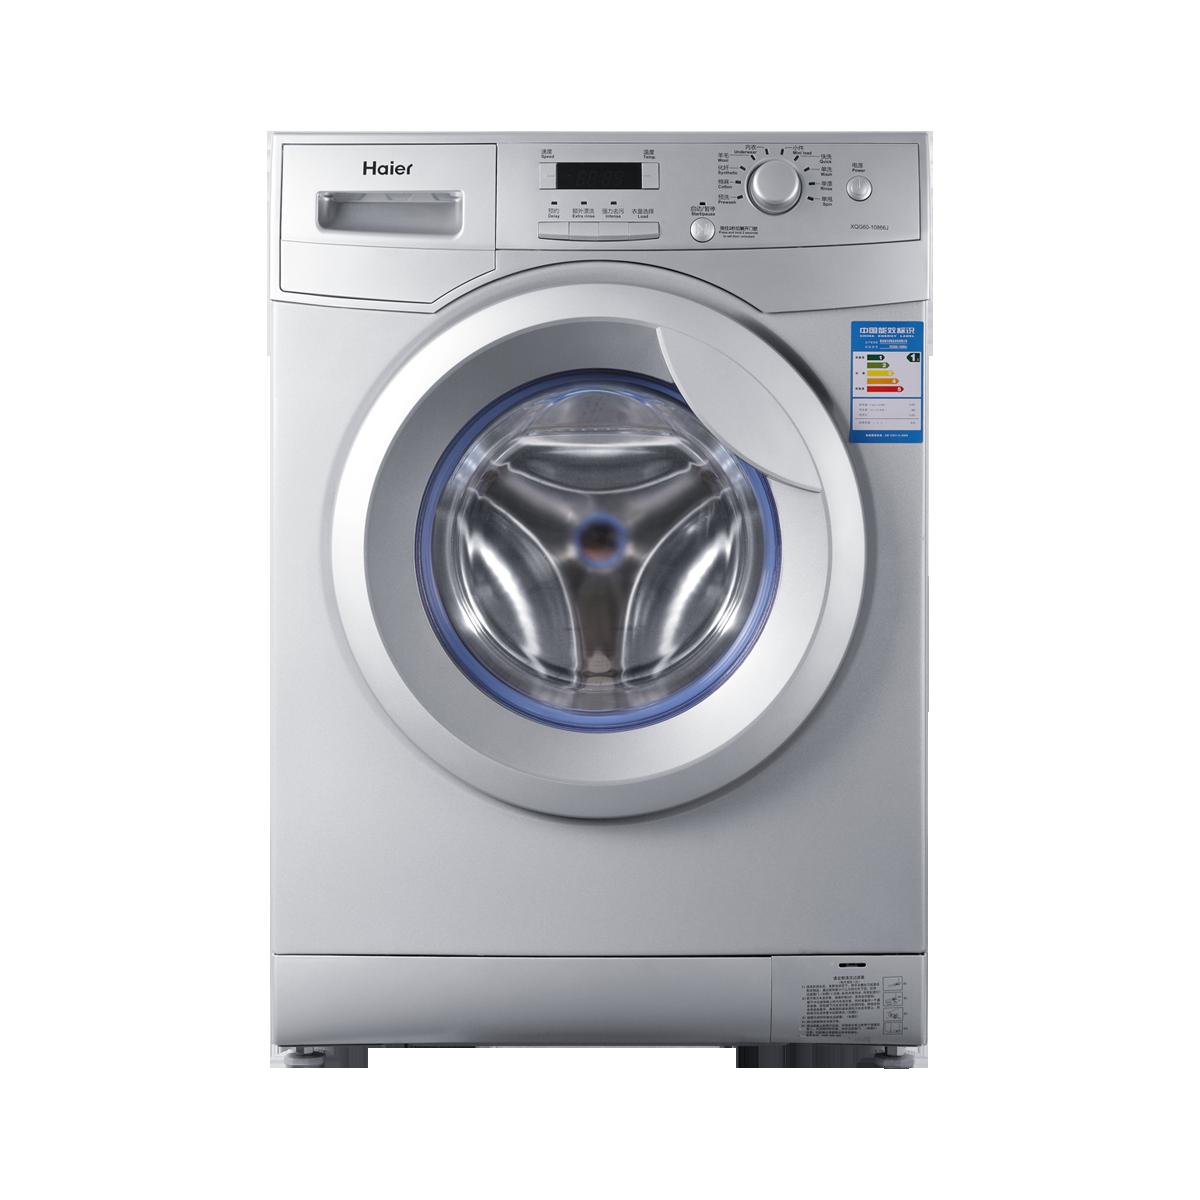 海尔Haier洗衣机 XQG60-10866J 说明书